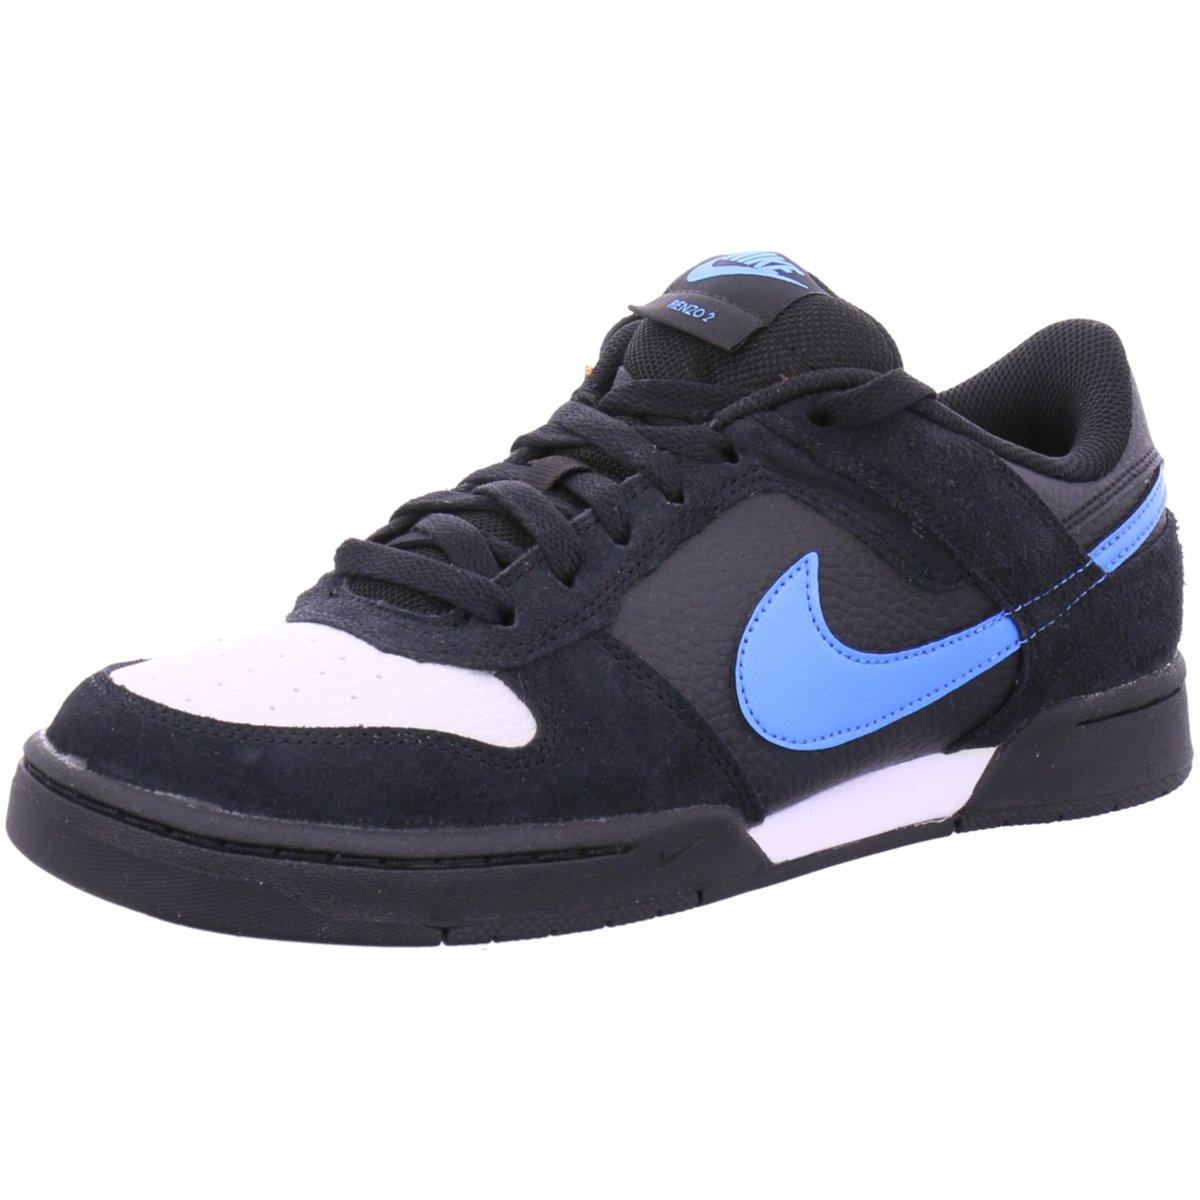 """new styles 41bfb cc86a Nike Air Max Max Max 1 x Atmos """"Box Print""""!"""